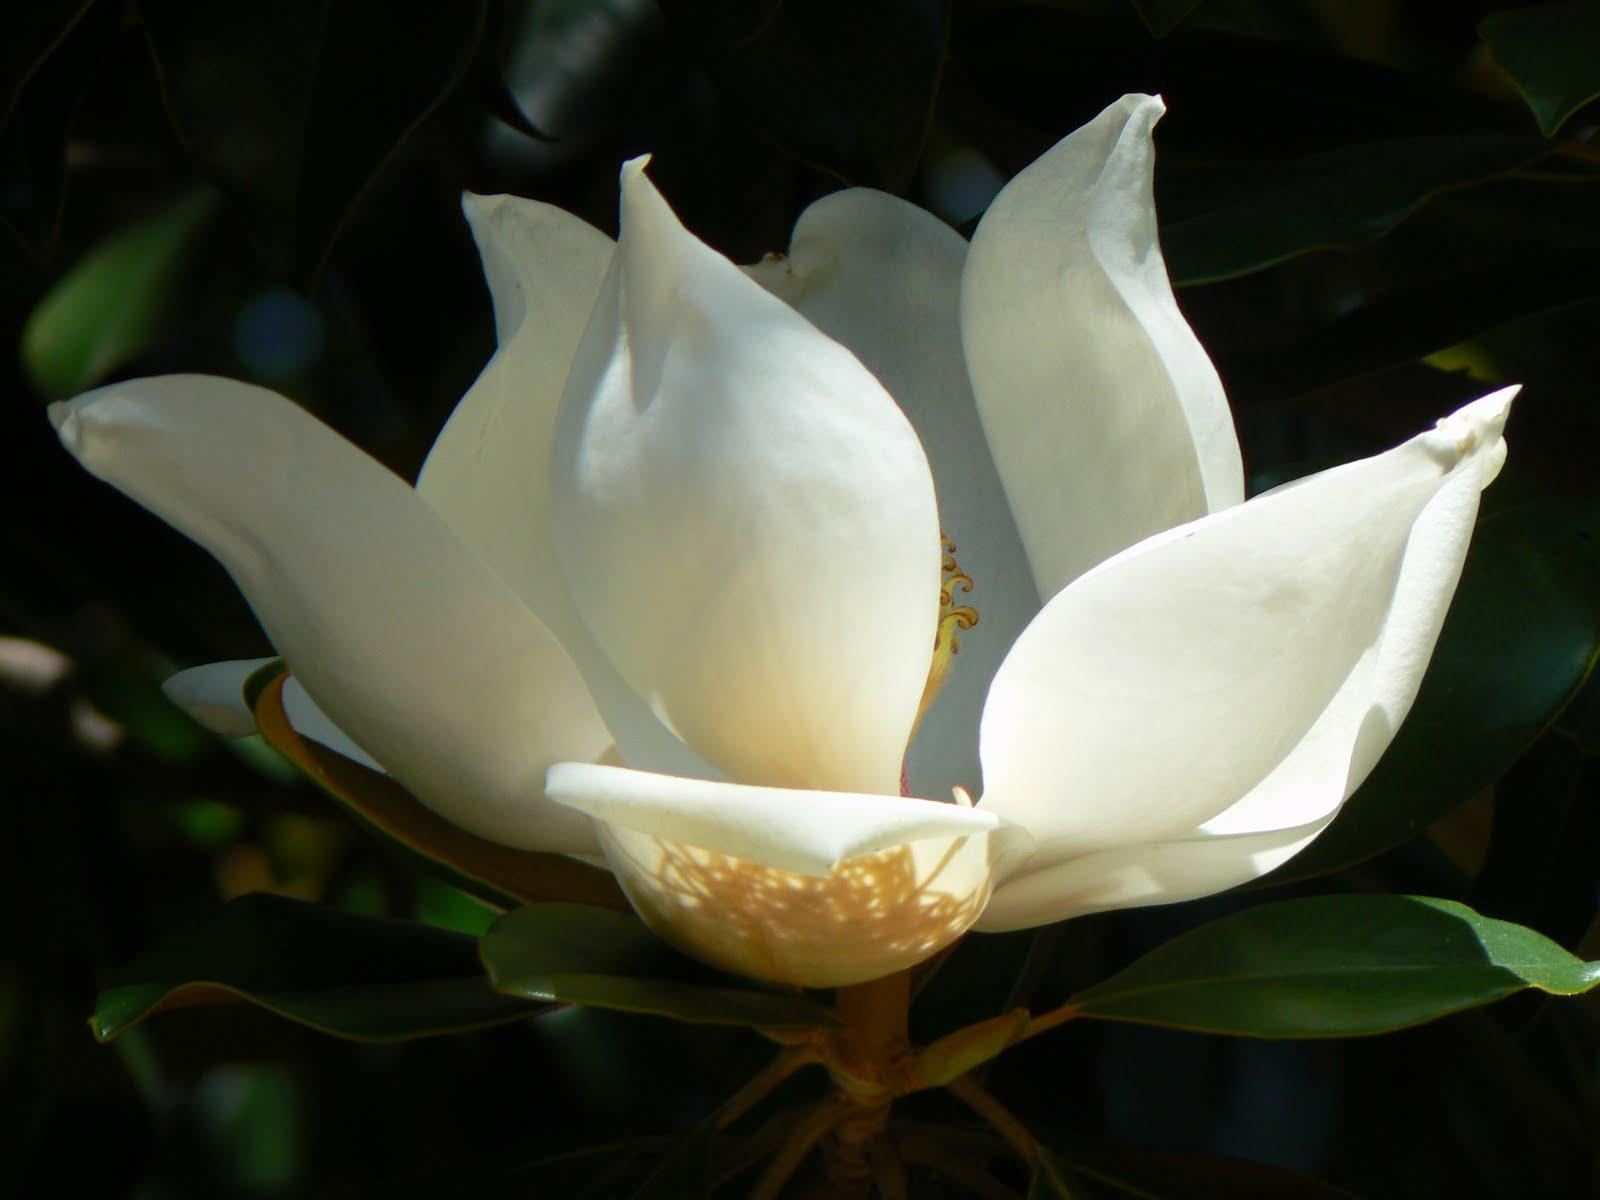 Imagenes De Flores Magnolias - Foto Gratis: Magnolia, Árbol De Magnolia, Flores Imagen